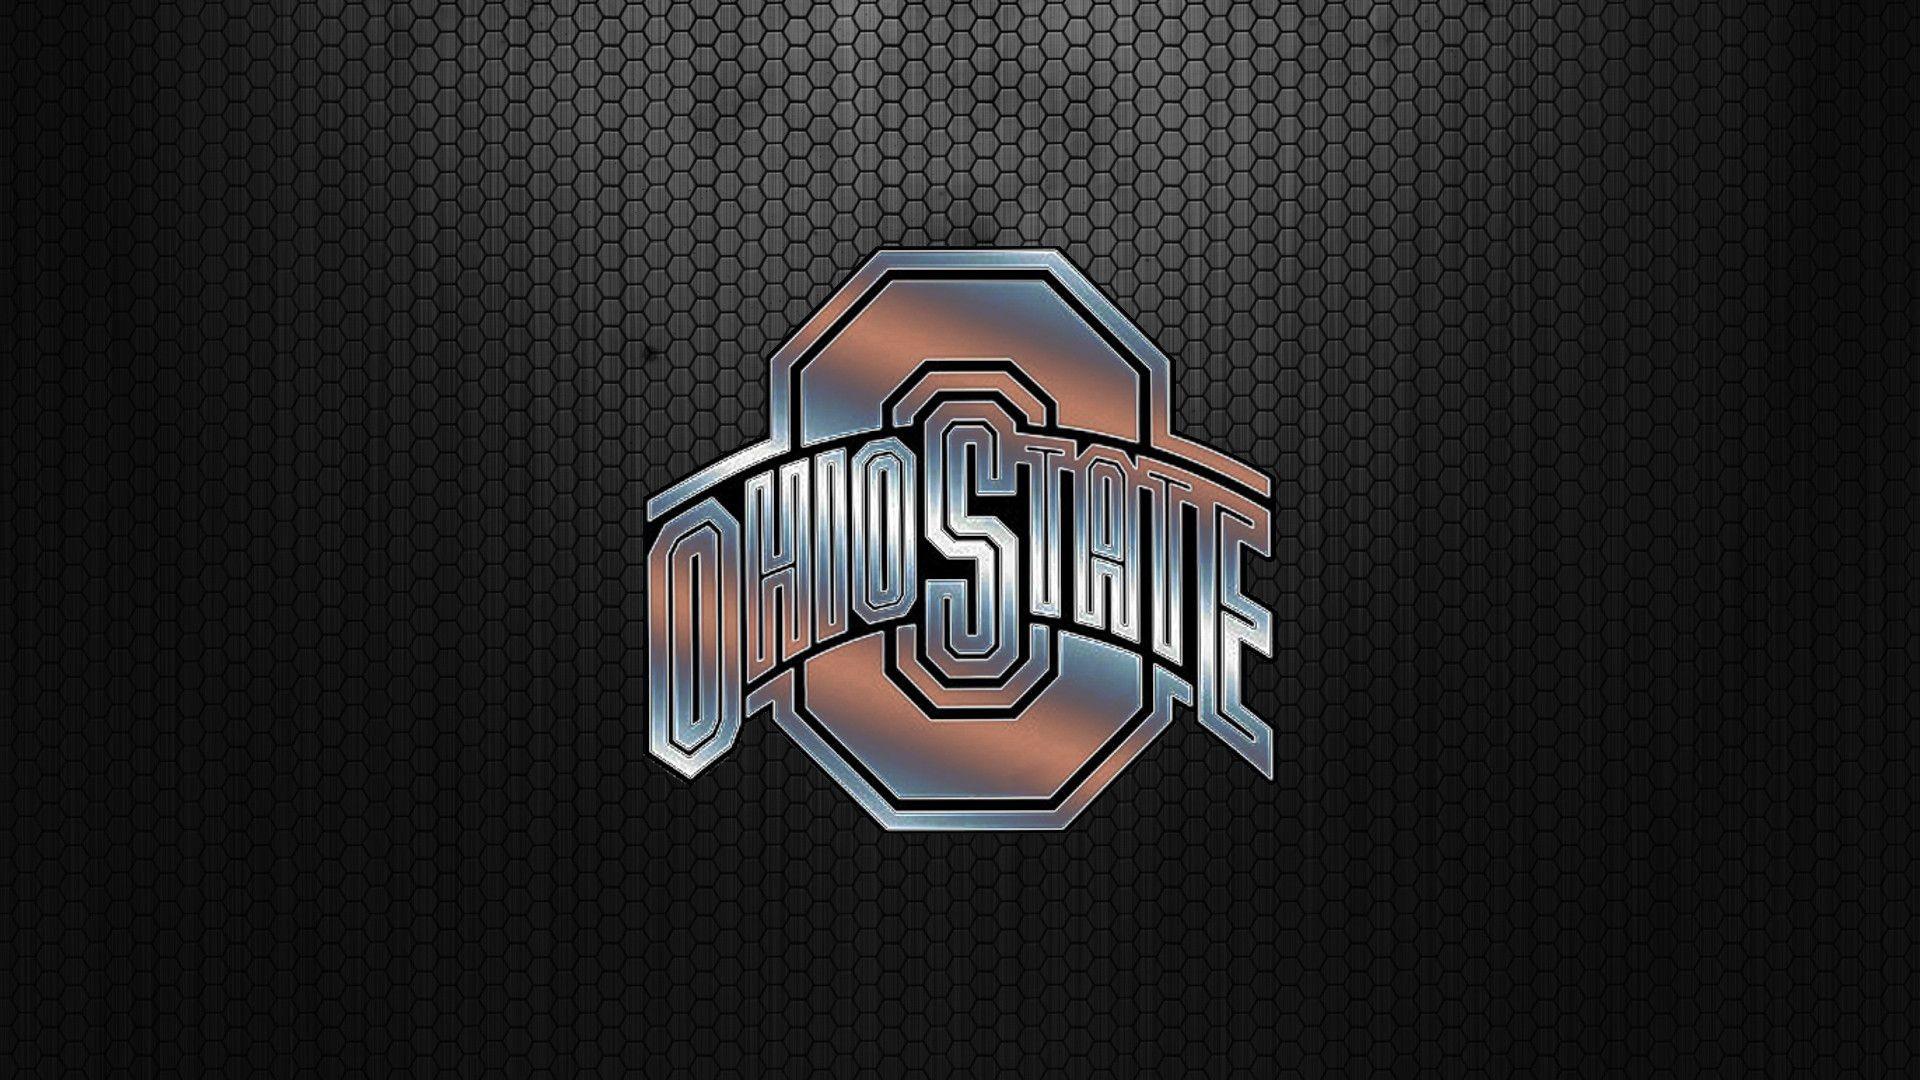 Ohio State University Wallpaper Full HDQ Ohio State